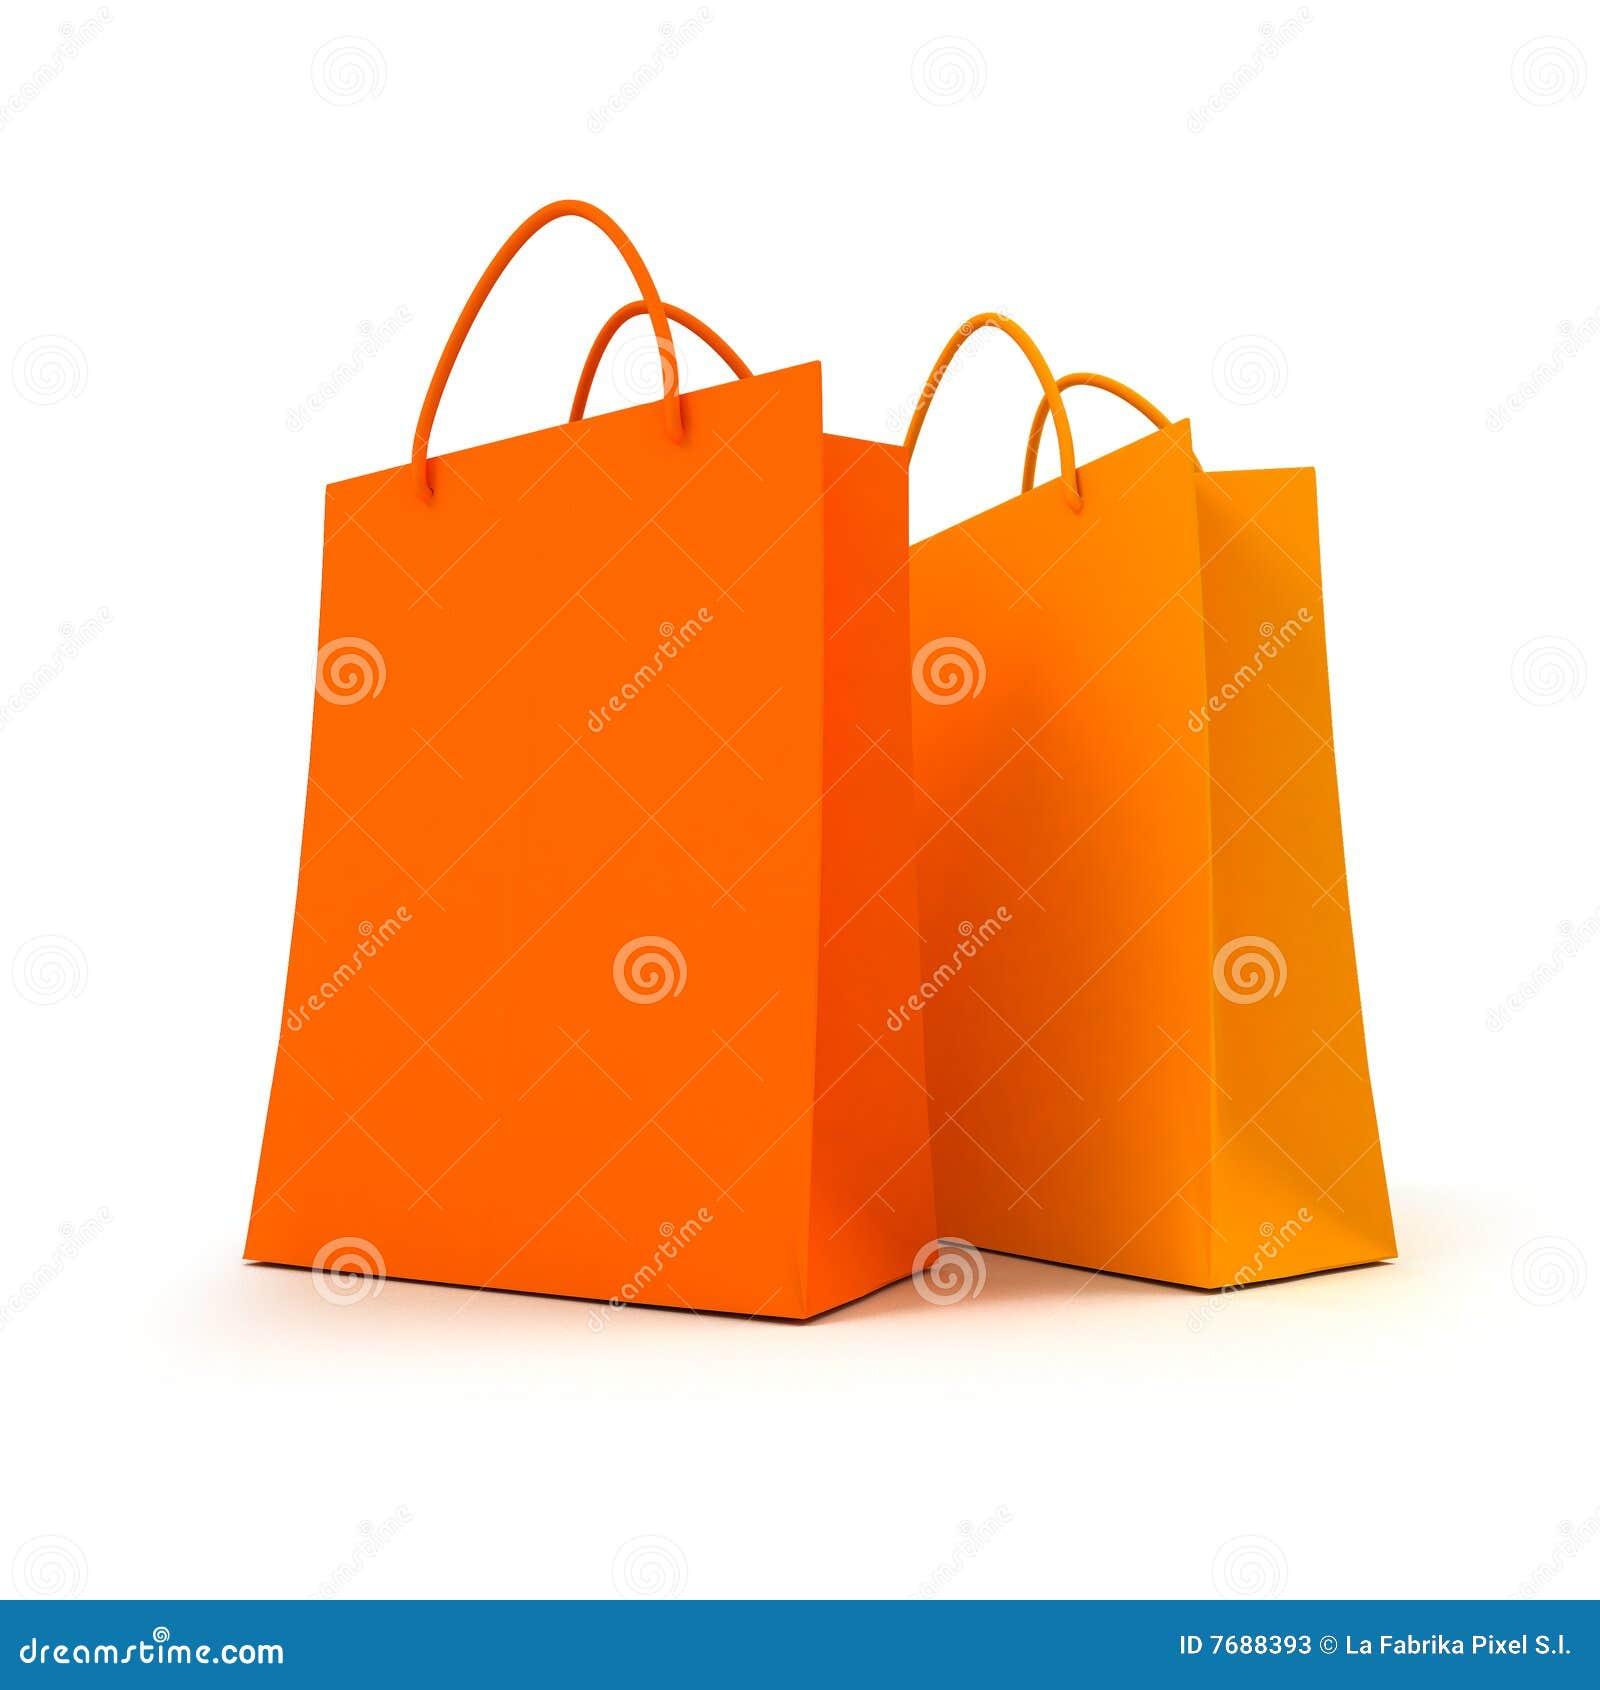 Bags orange parshopping